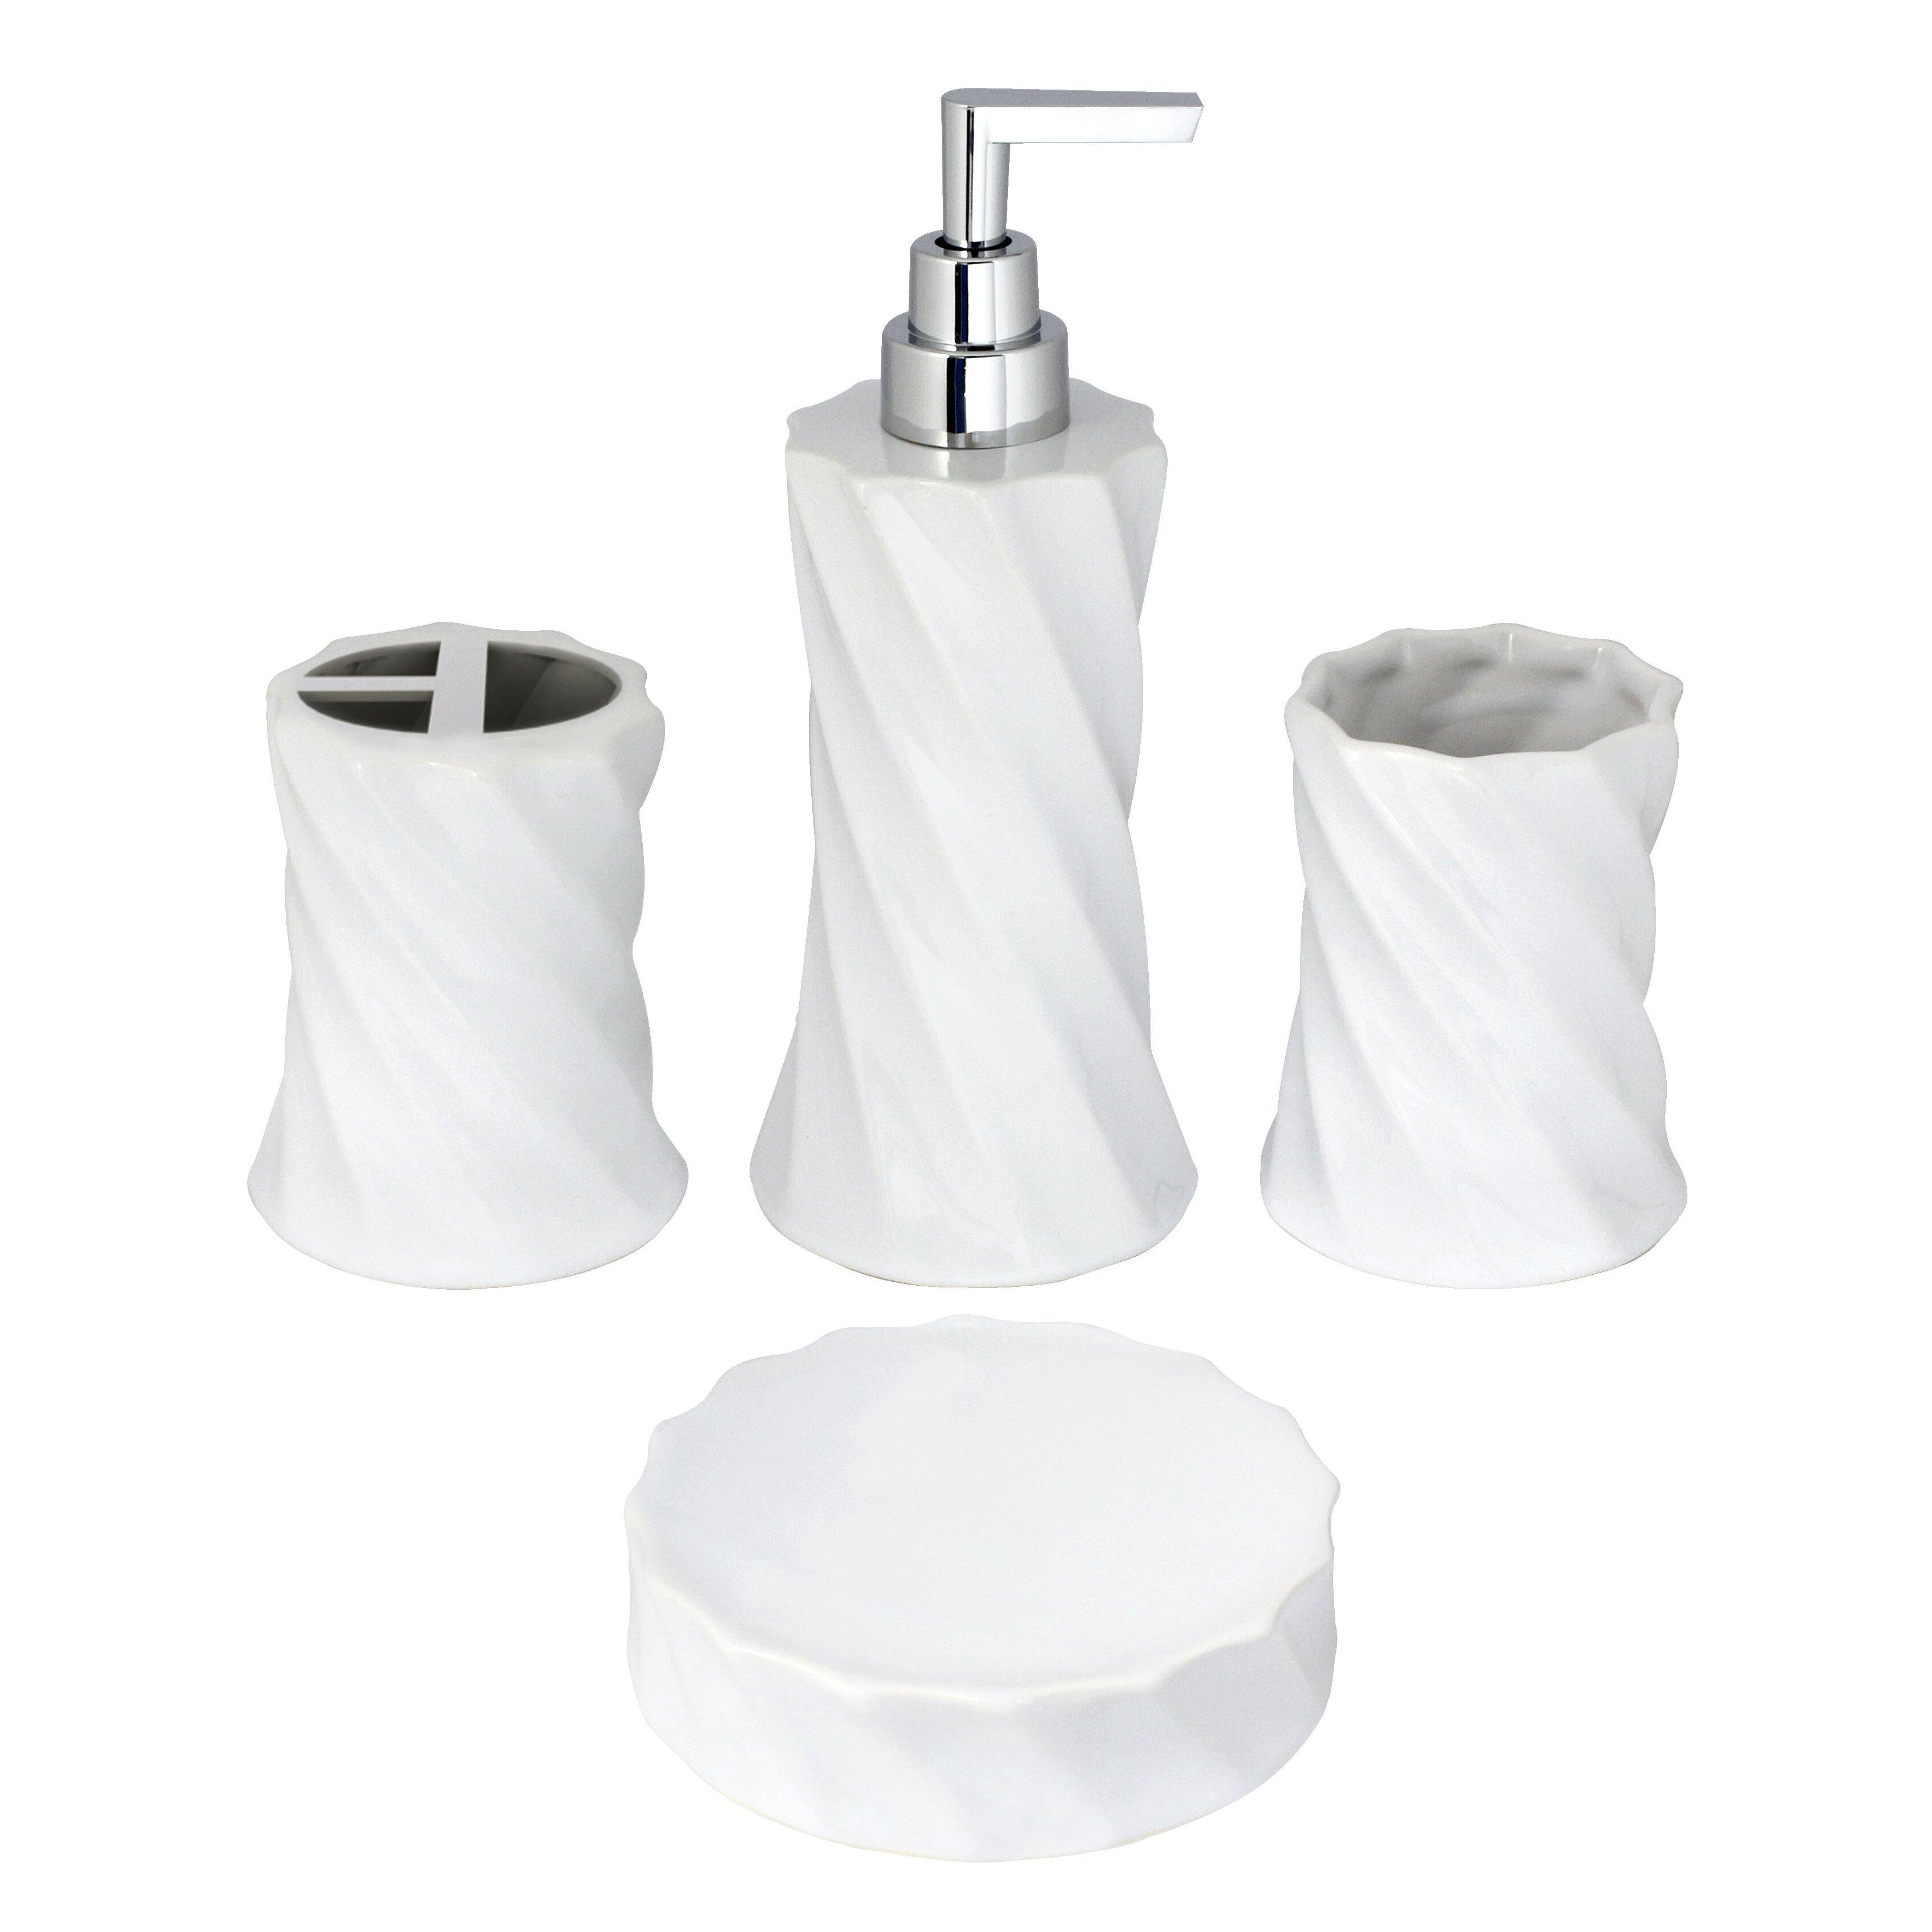 Modona flora porcelain 4 piece bathroom accessory set for Bathroom 4 piece set